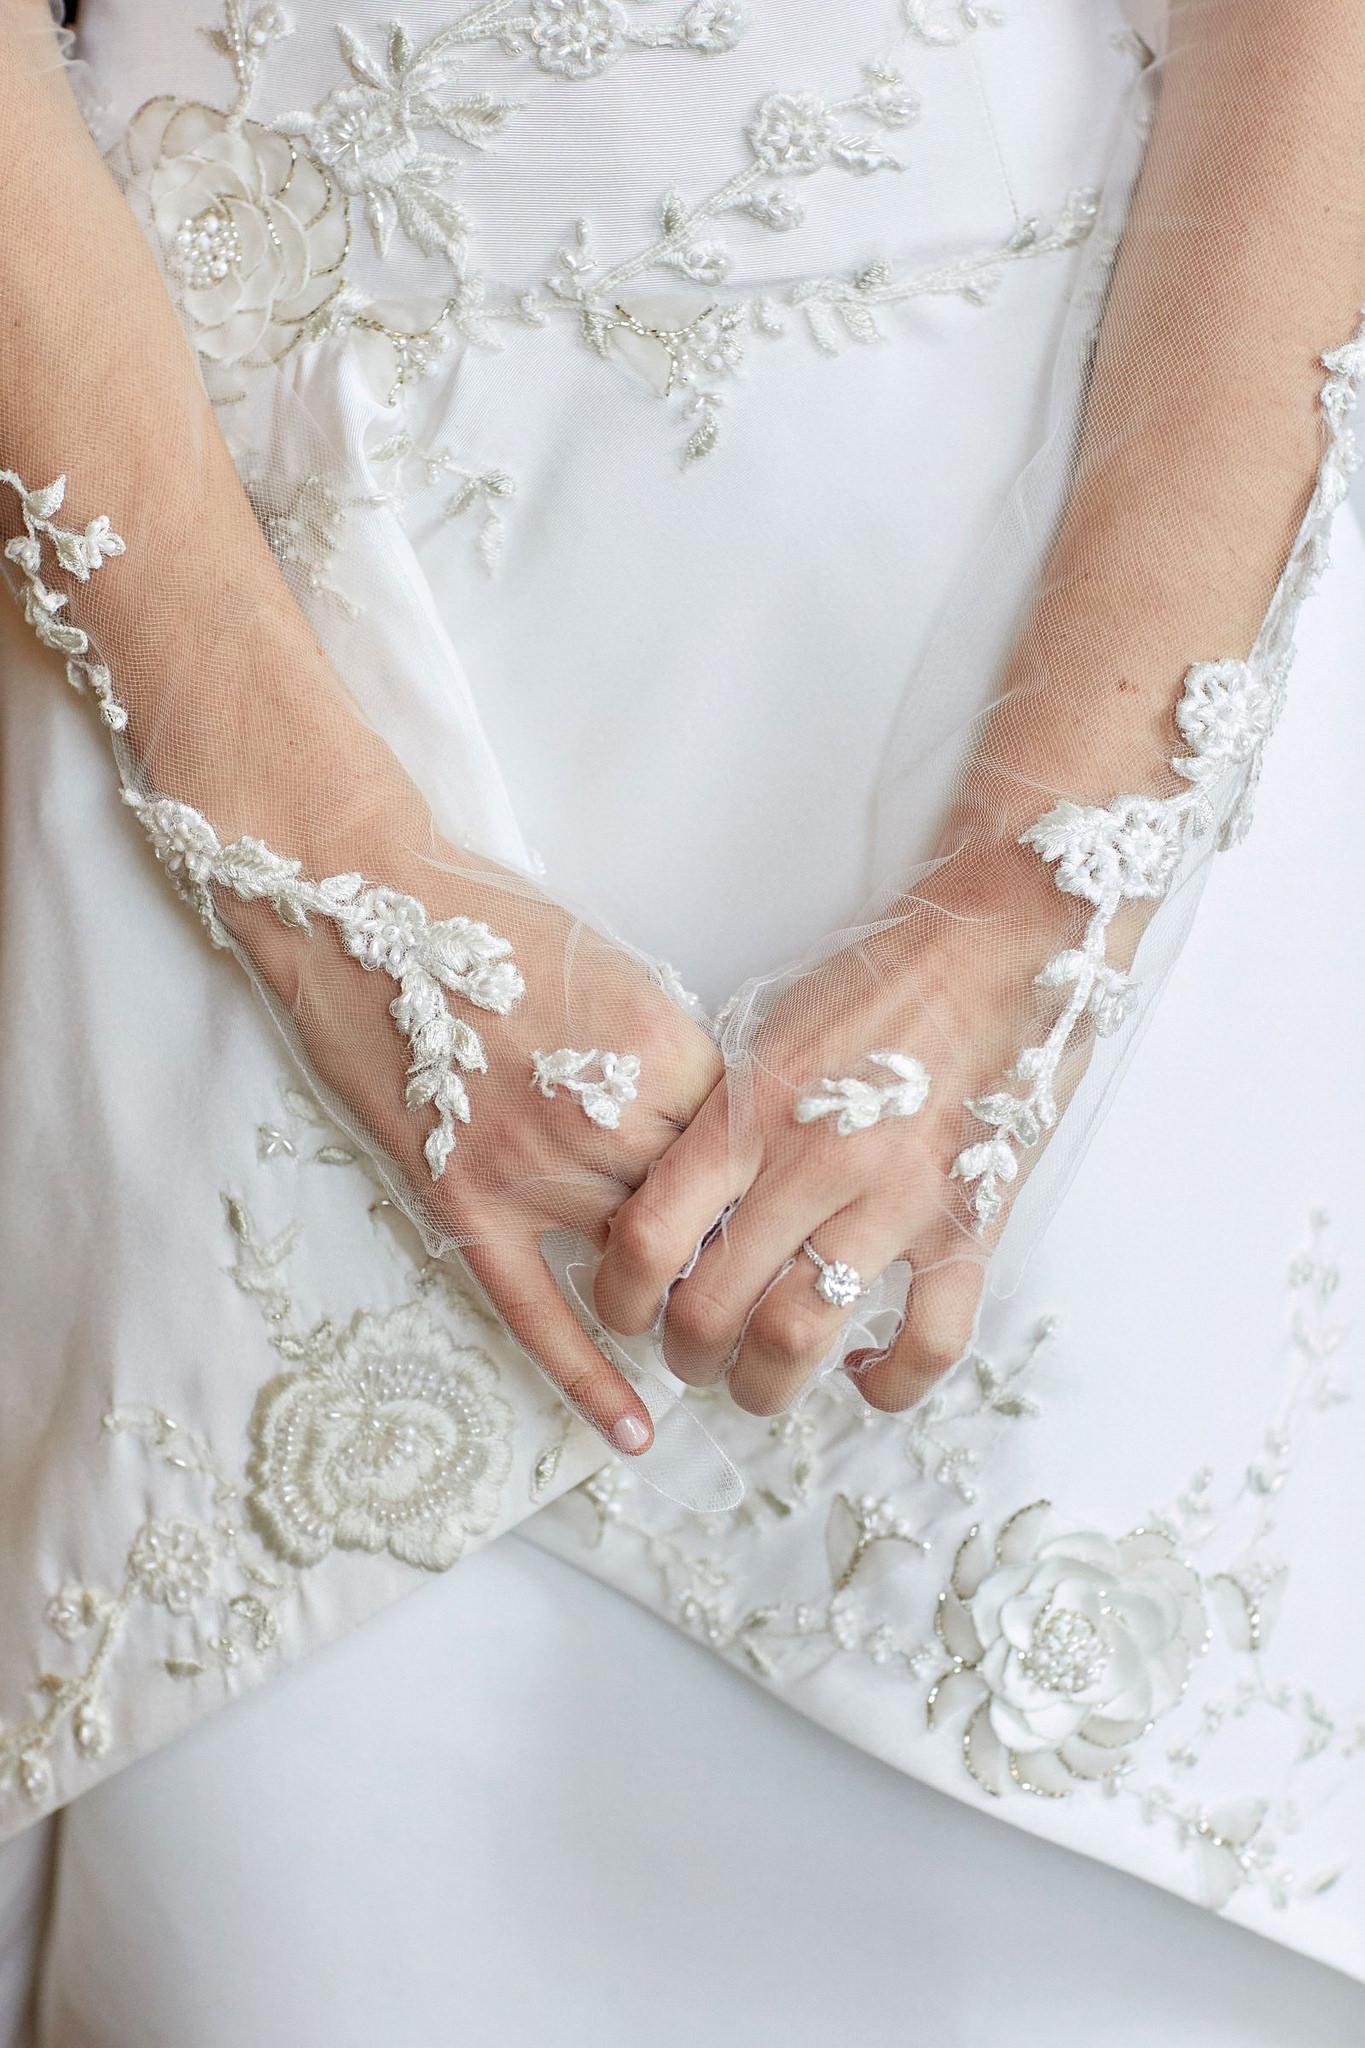 Detail on bride's custom gloves